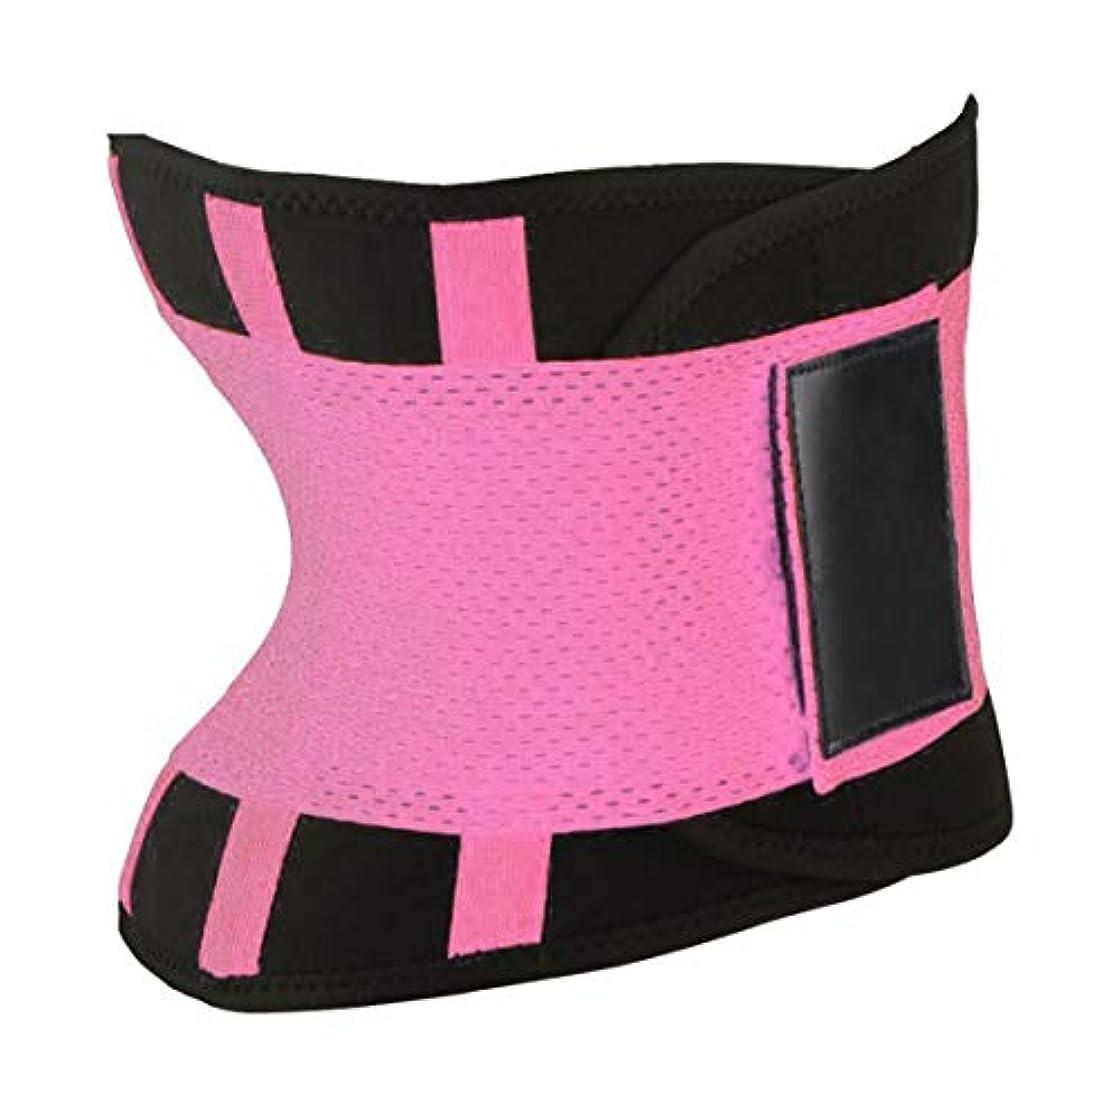 続ける領域百快適な女性ボディシェイパー痩身シェイパーベルトスポーツ女性ウエストトレーナーニッパー制御バーニングボディおなかベルト - ピンク2xl